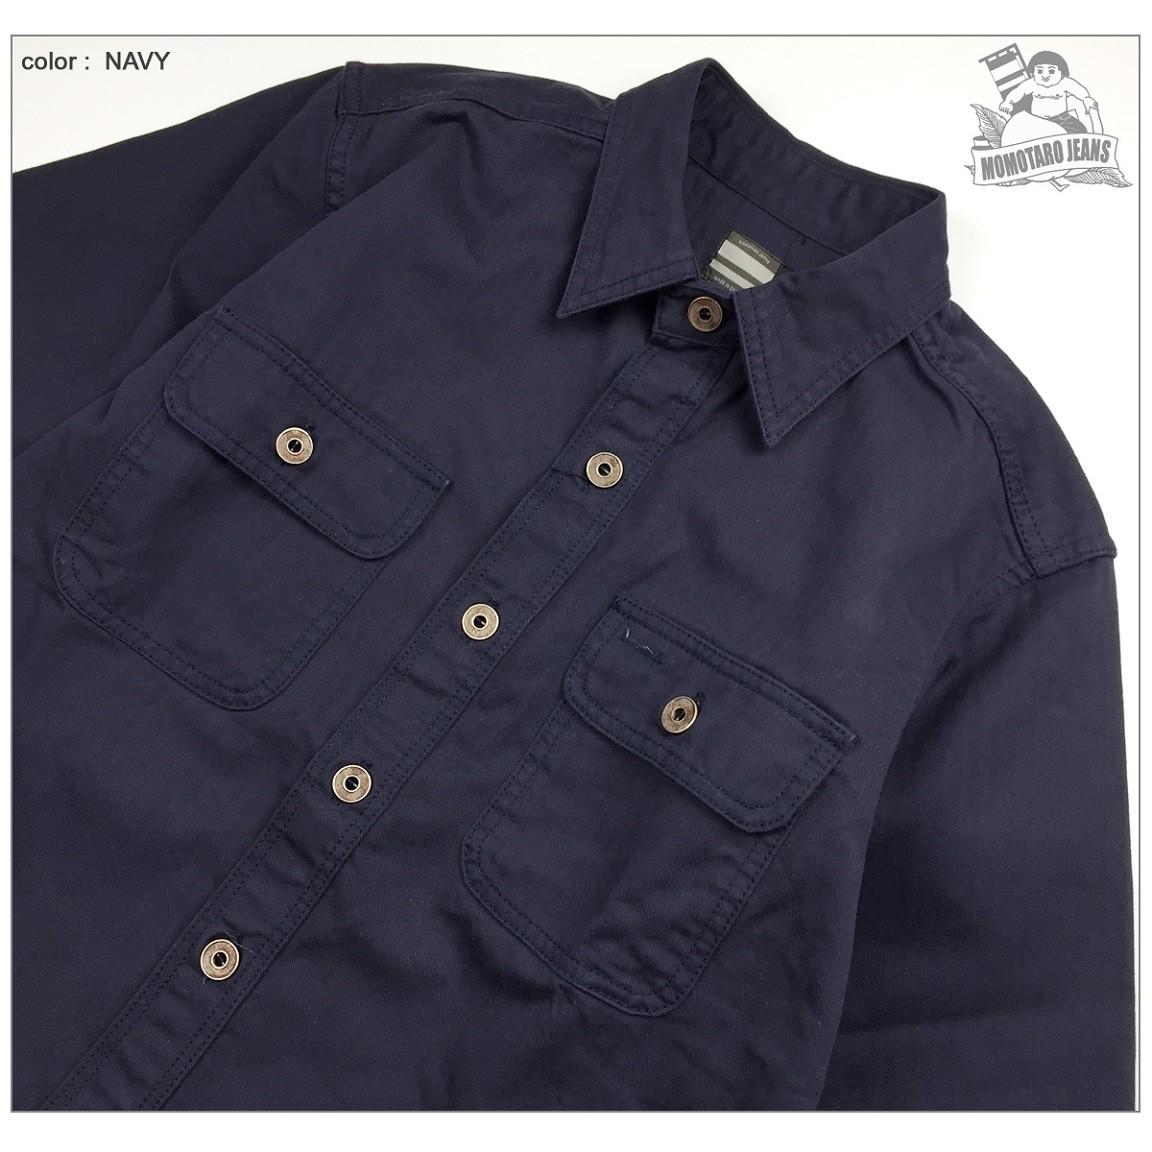 桃太郎ジーンズ 05-160 ワークシャツ 画像7